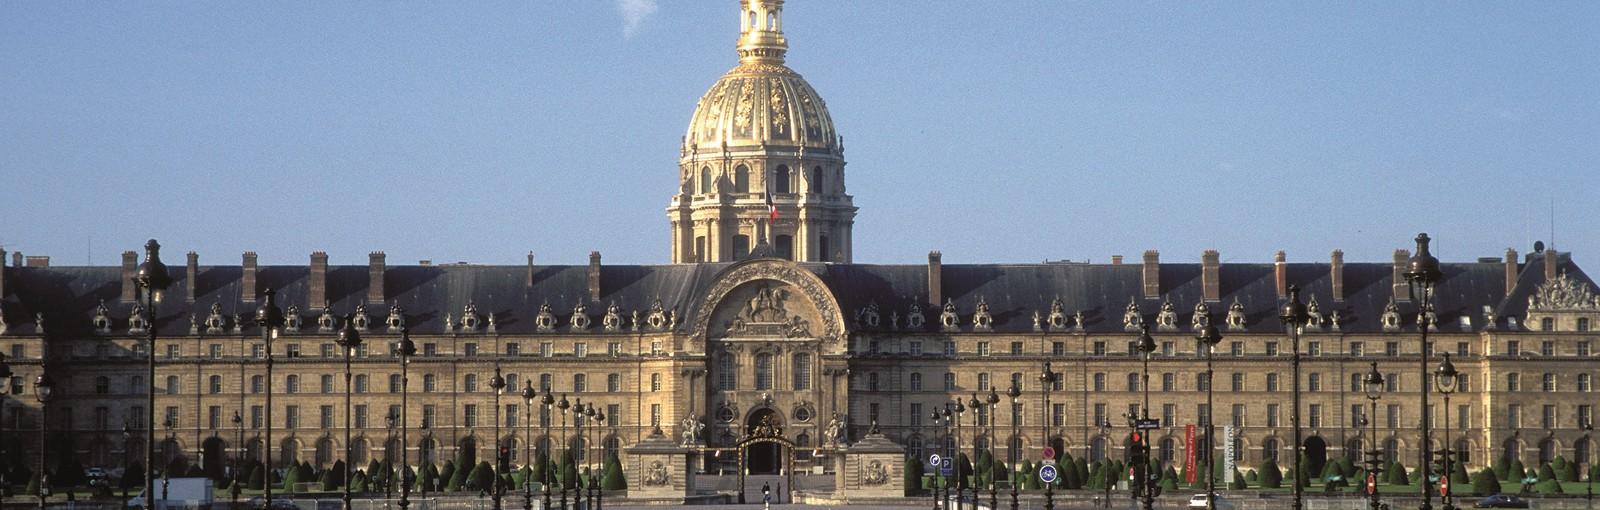 Tours Invalides, Musée de l'Armée, Tombeau de Napoléon - Visites pédestres - Visites de Paris